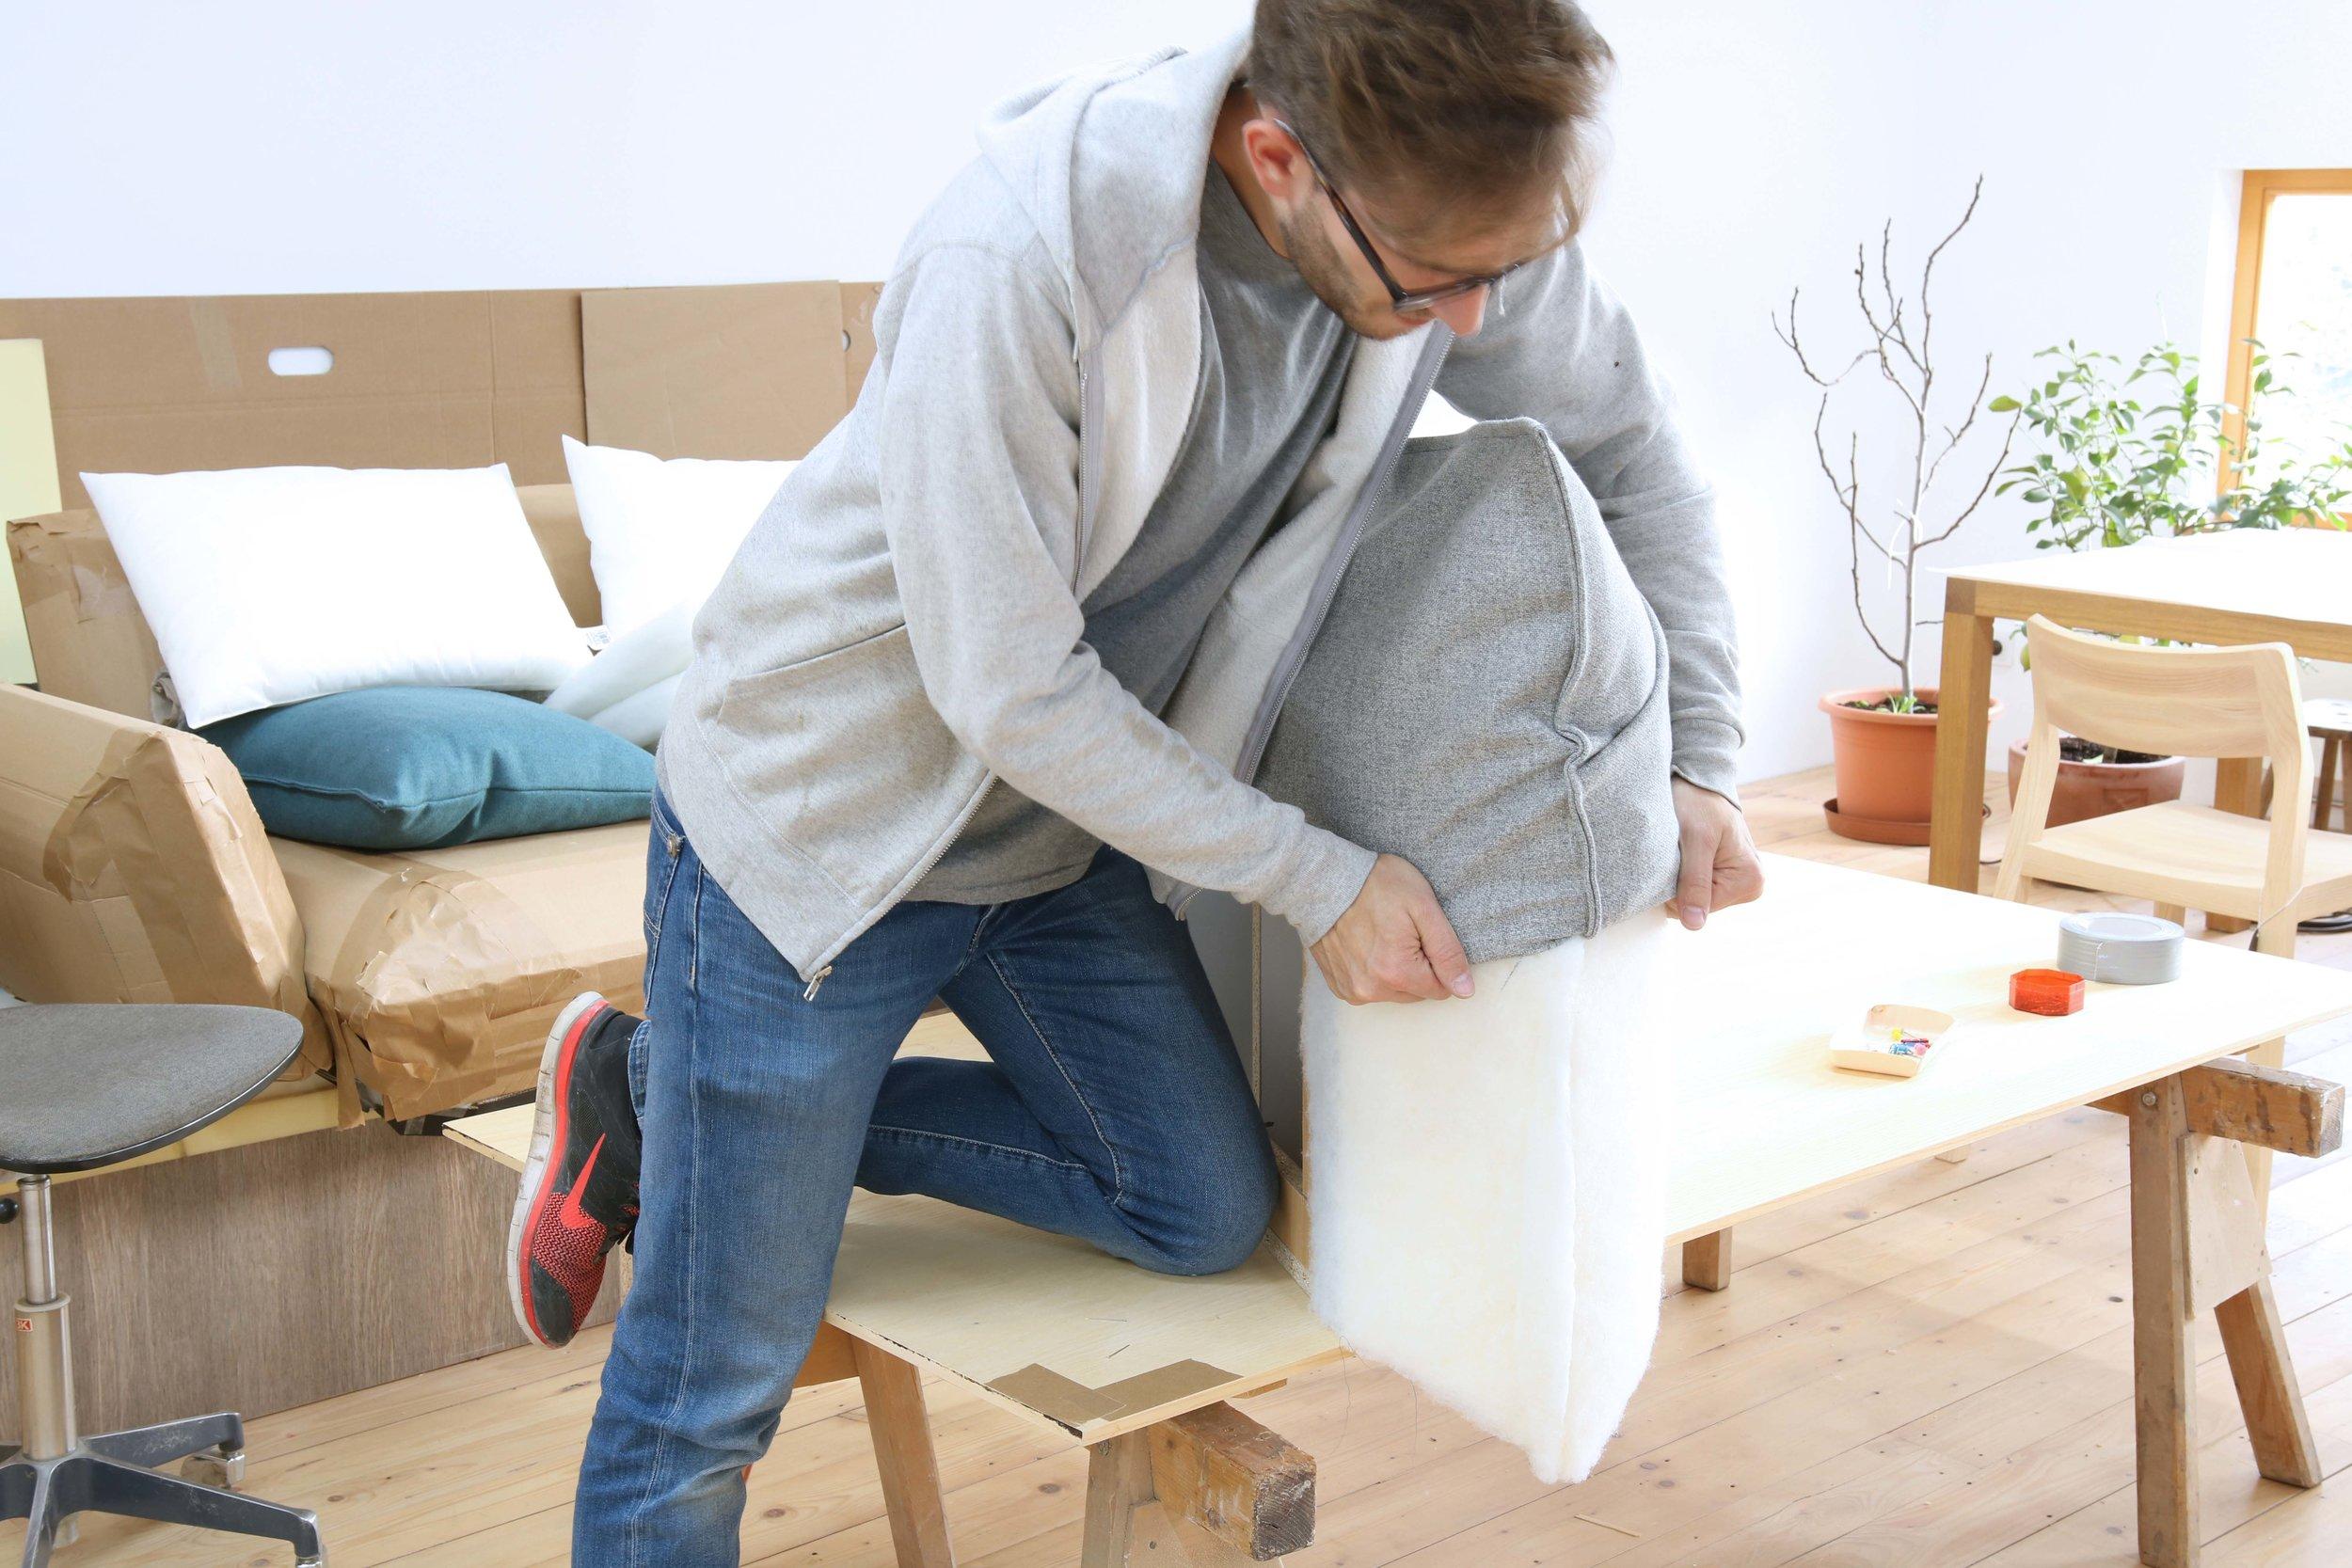 Johannes-Steinbauer-Design-Invert-Sofa-Softline-Making-Of-4.jpg